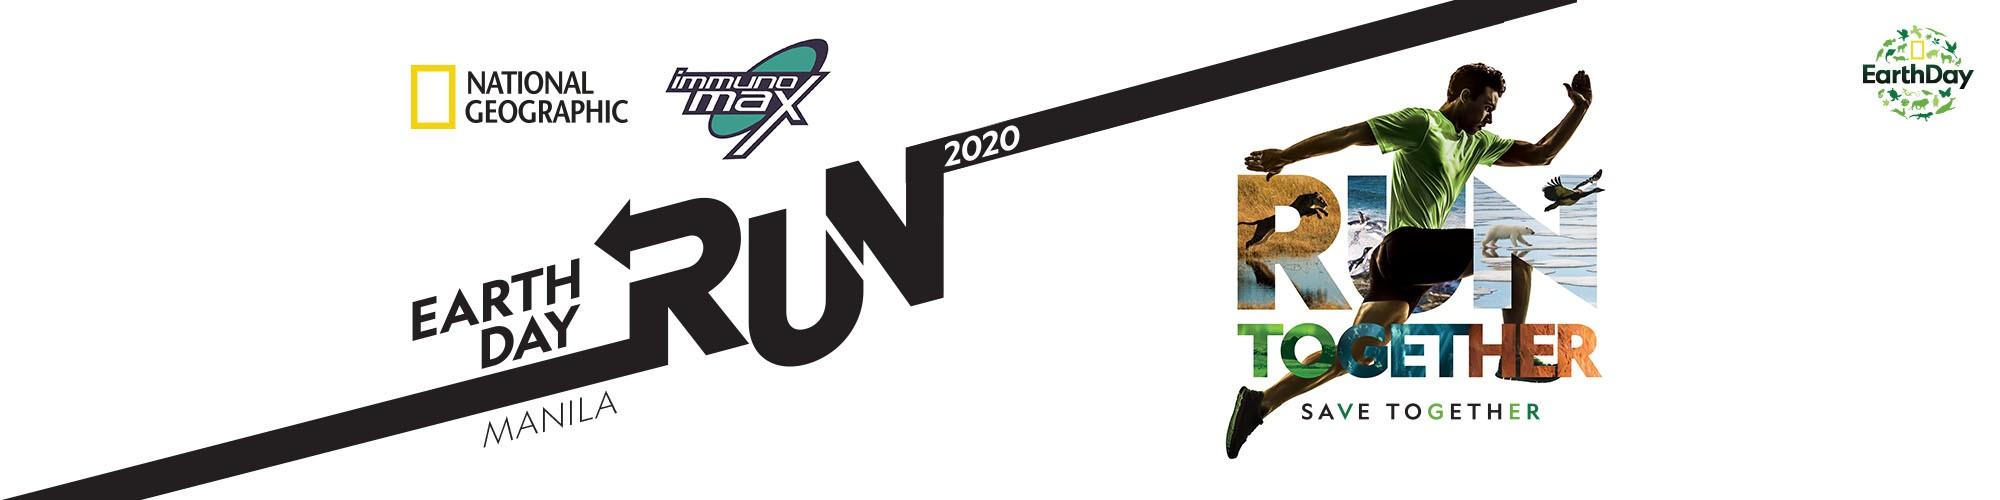 NATGEO Earth Day Run 2020